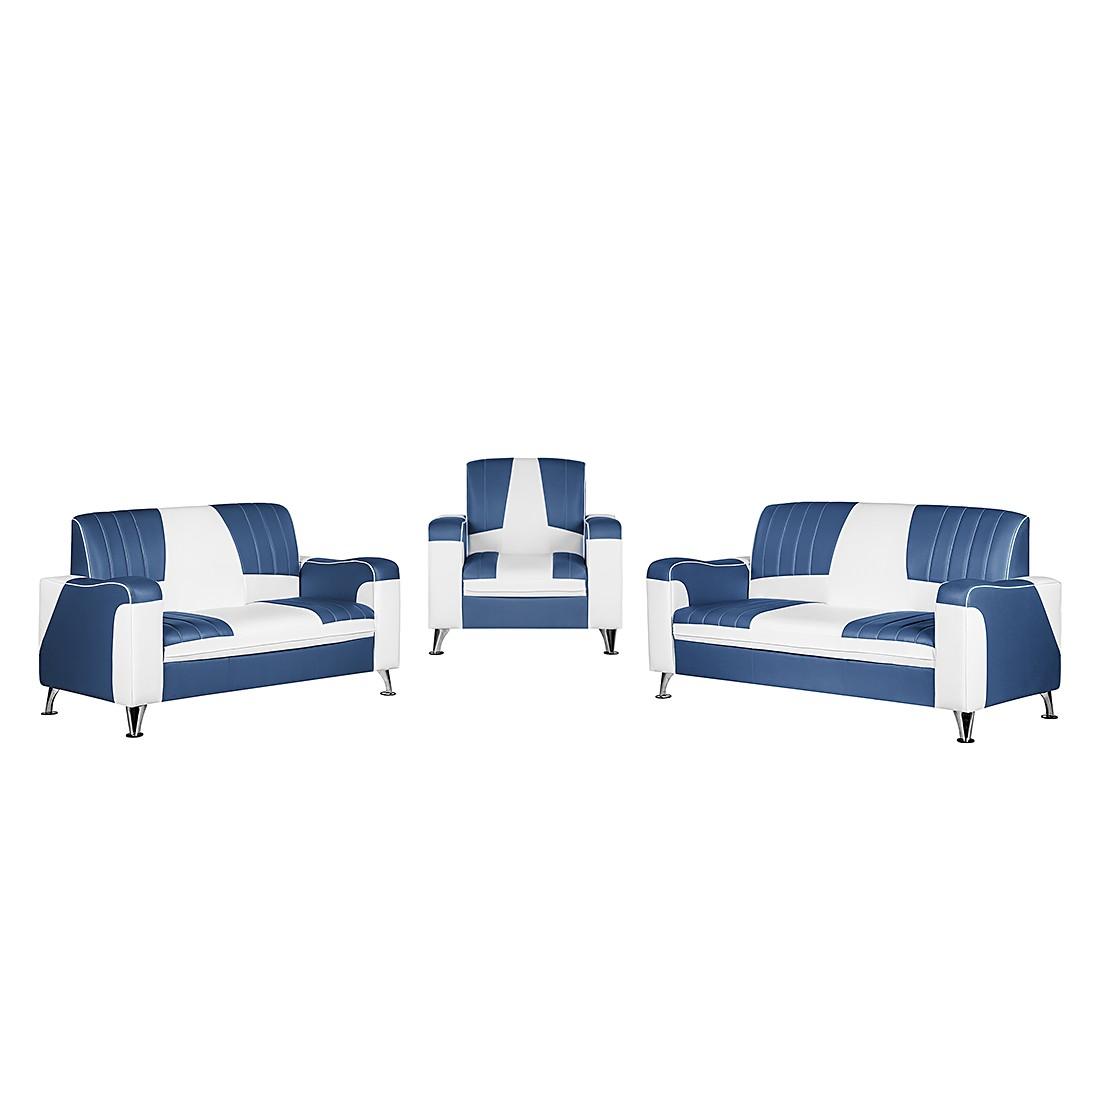 goedkoop Gestoffeerde meubelset Nixa 3zitsbank 2zitsbank en fauteuil wit kunstleer donkerblauw Studio Monroe